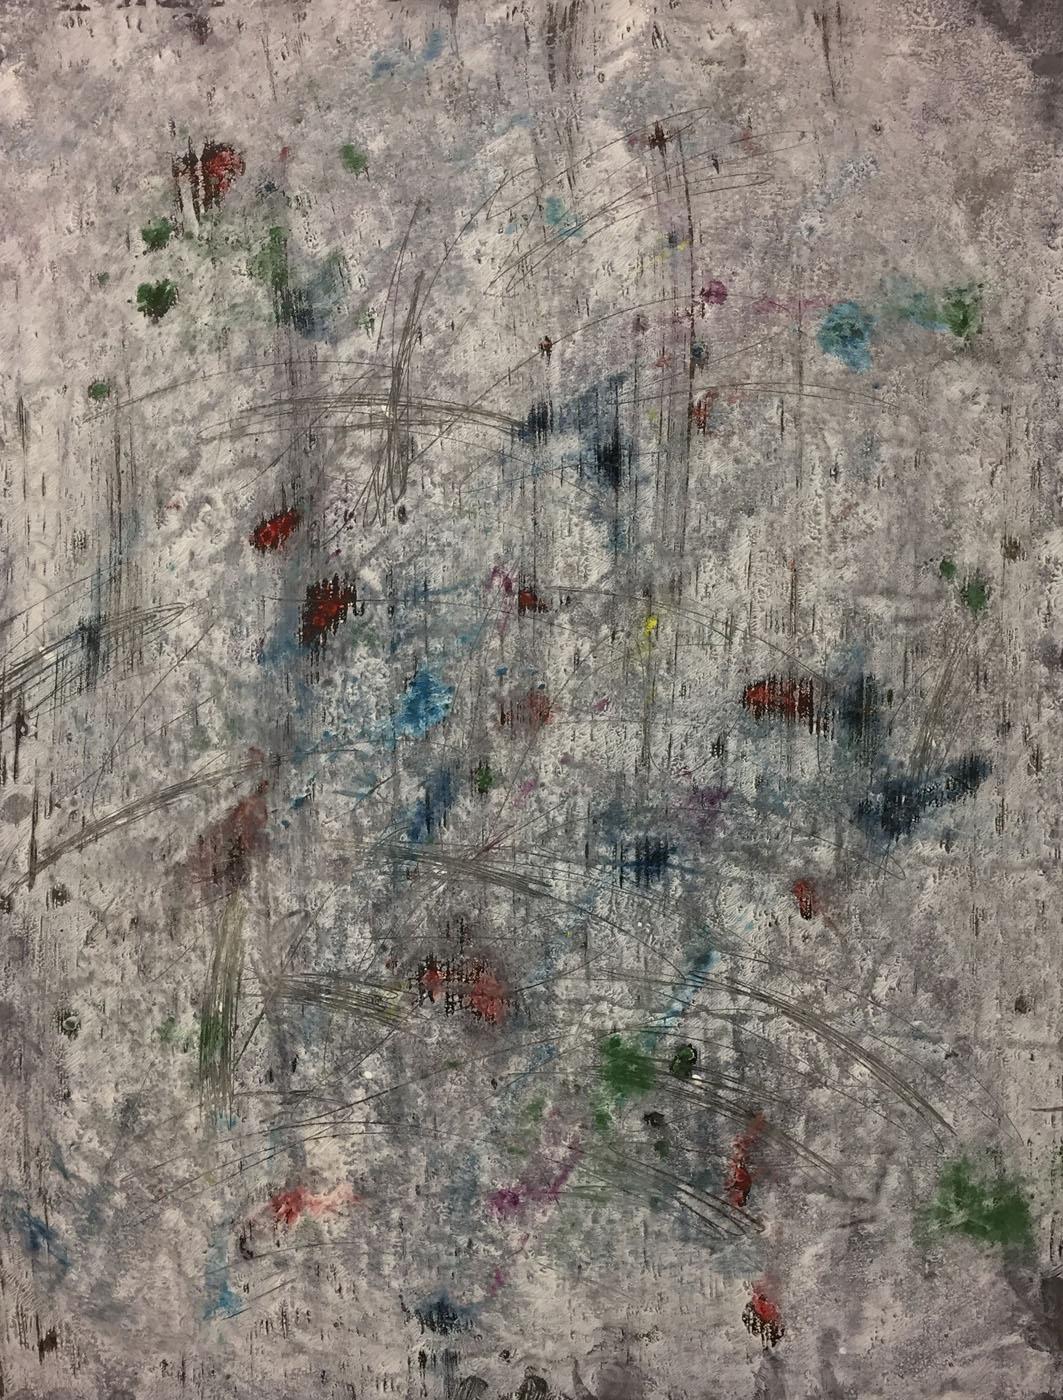 MARC FELD 2019 CONCERTINA Huile, acrylique, mine de plomb et pigment sur papier 50 x 65 cm